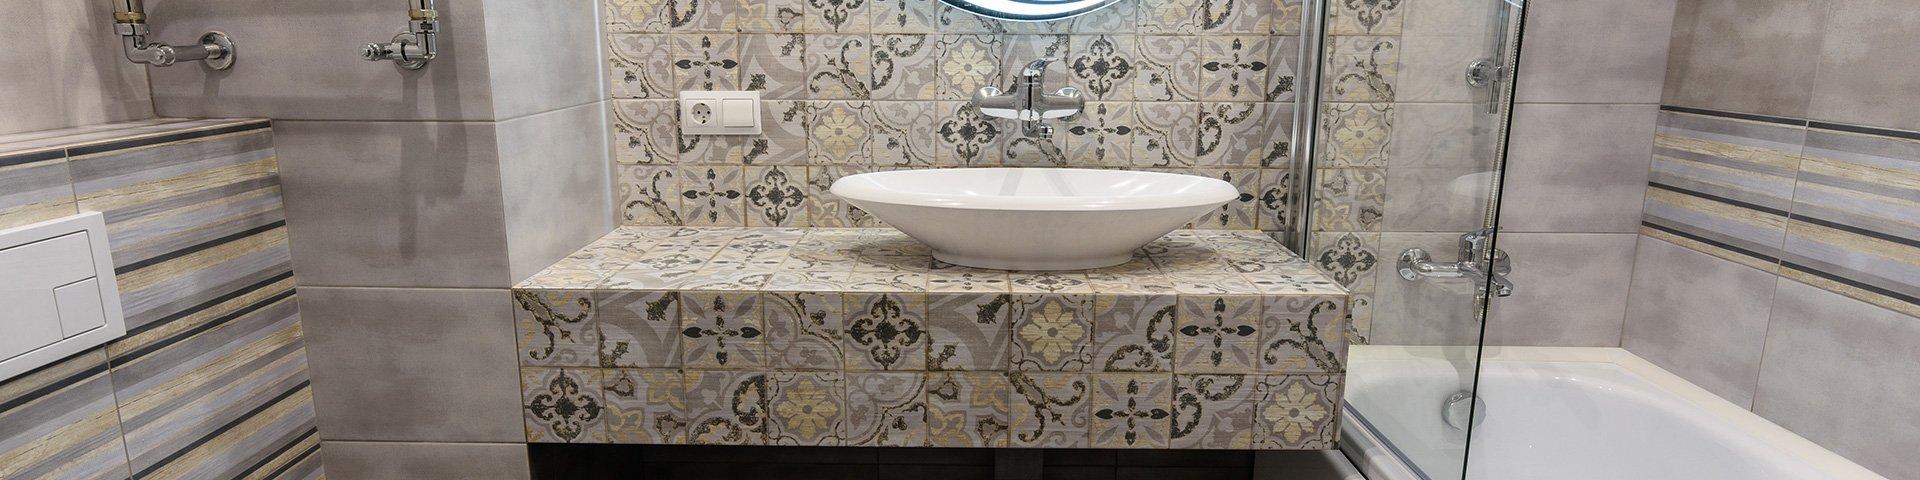 łazienka wyłożona płytkami o małym i dużym formacie